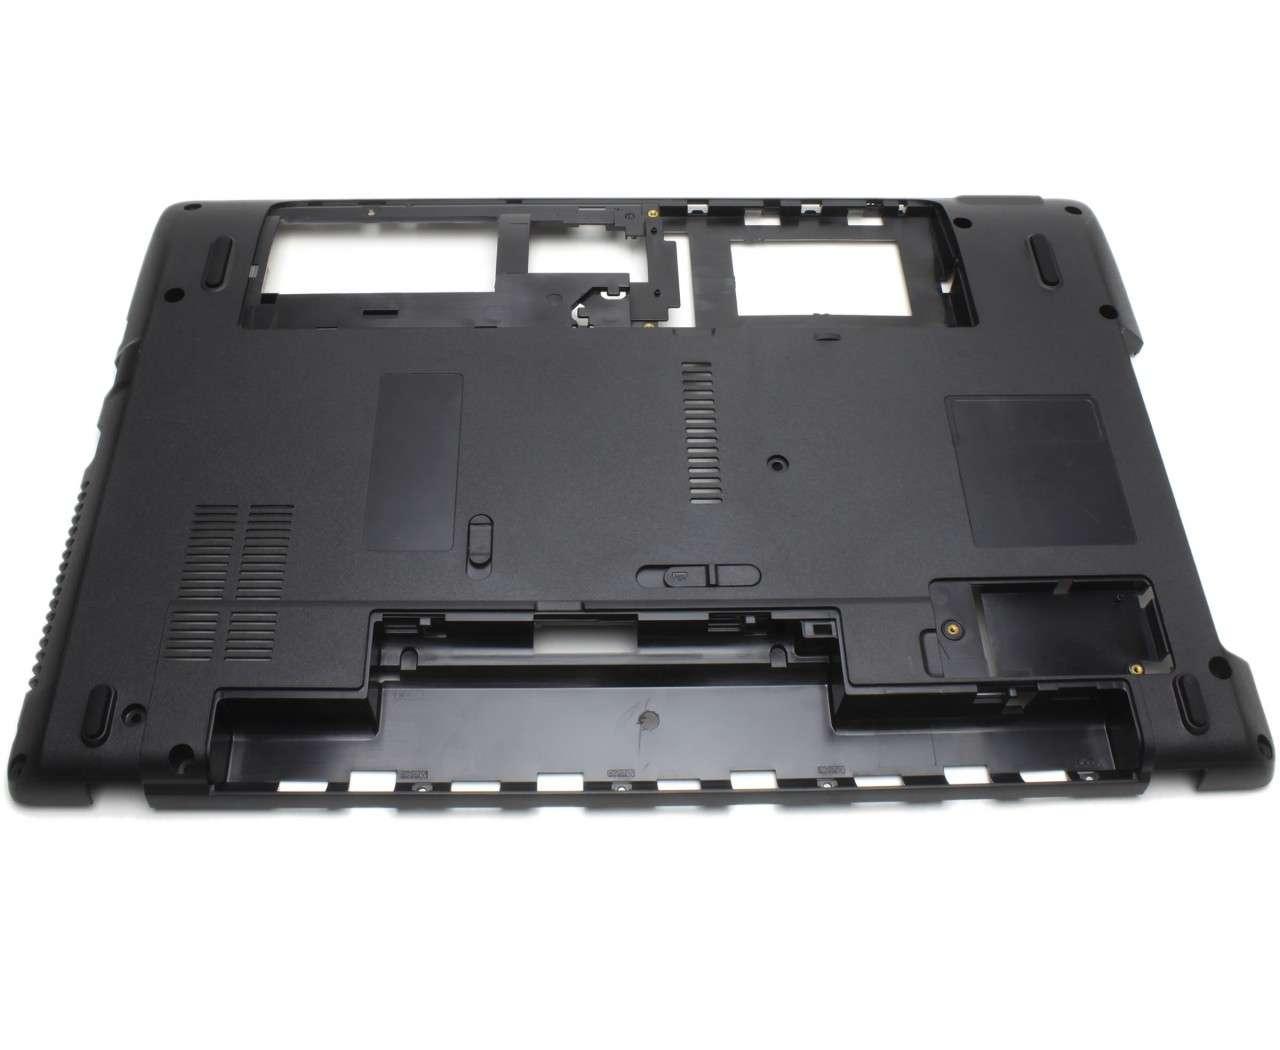 Bottom Case eMachines E442 Carcasa Inferioara cu codul AP0FO0007000 imagine powerlaptop.ro 2021